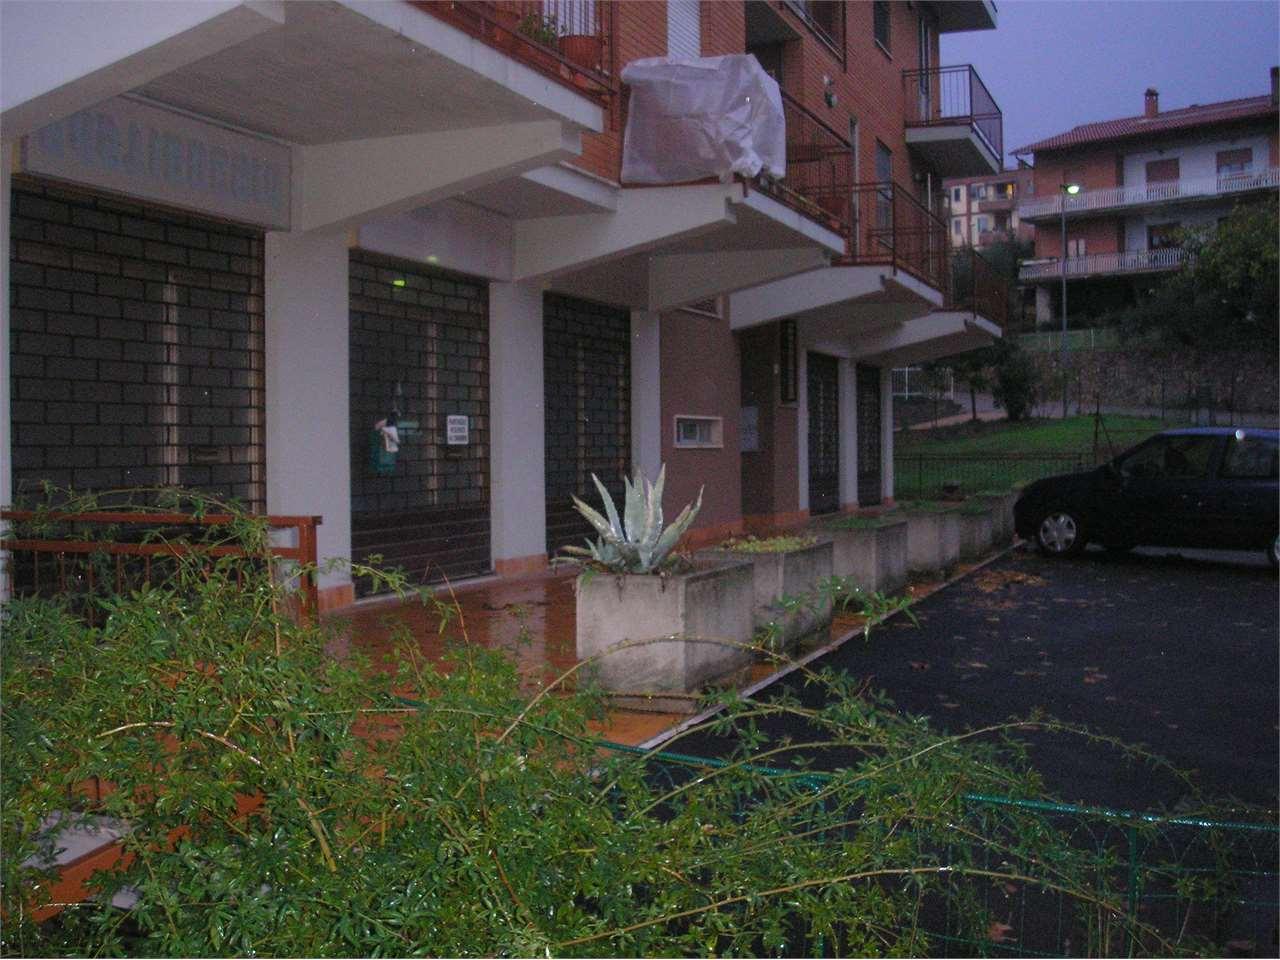 Ufficio / Studio in vendita a Perugia, 1 locali, zona Zona: San Fortunato della Collina, prezzo € 160.000   CambioCasa.it